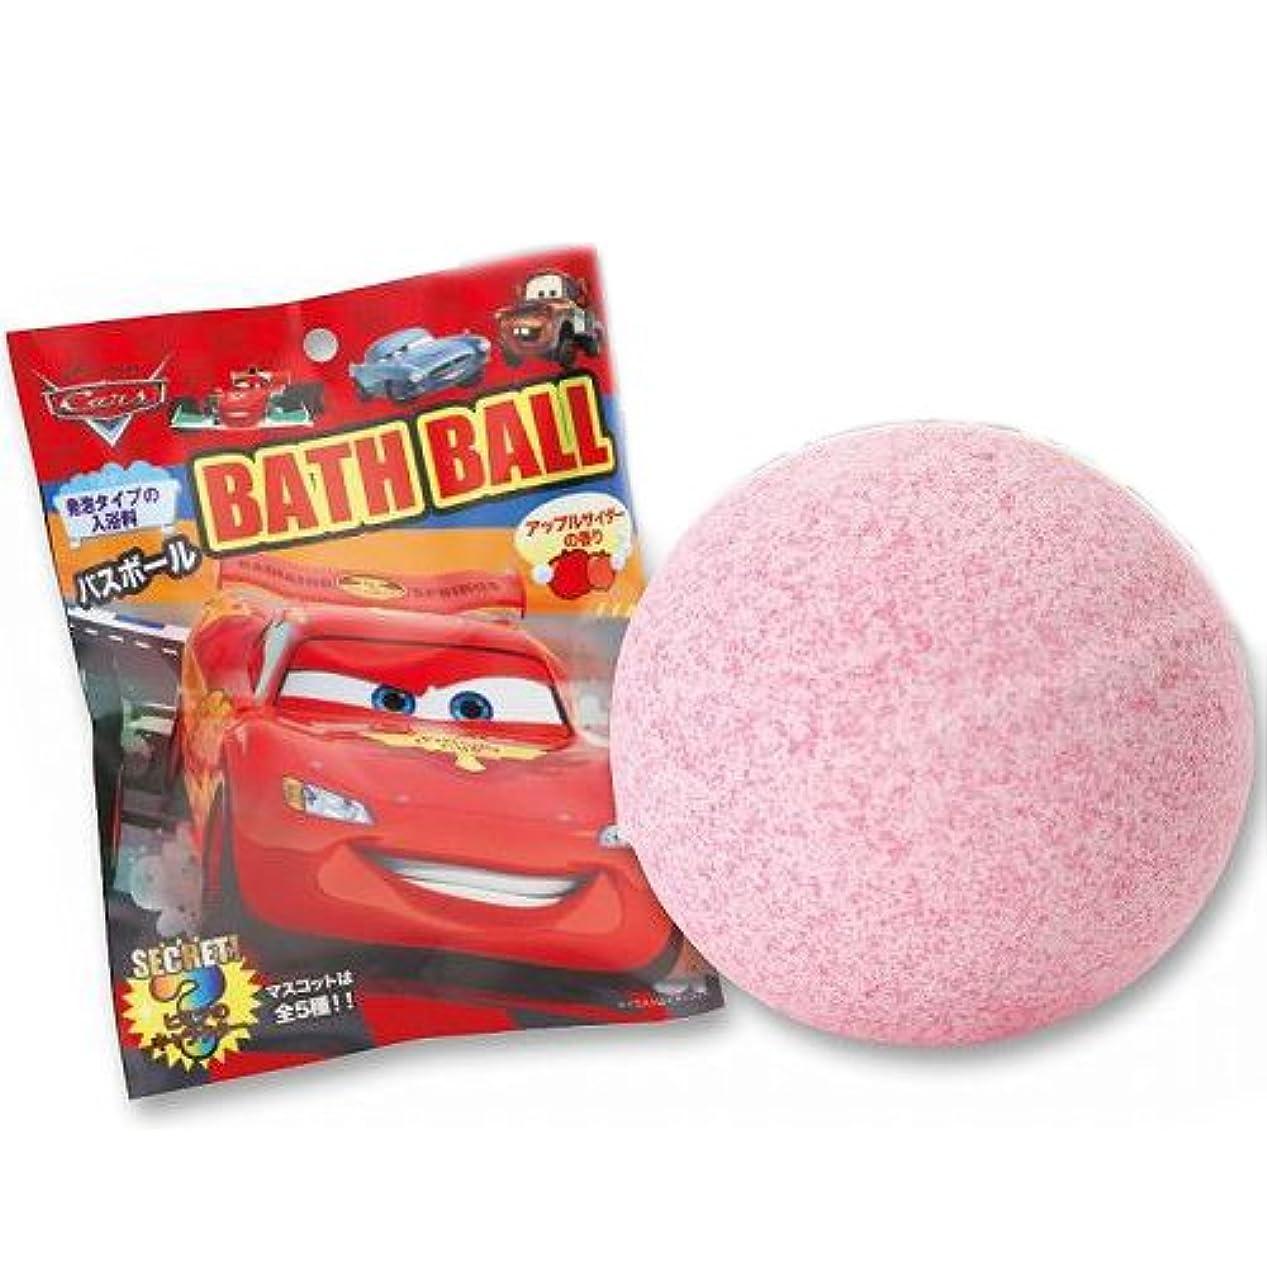 カーズ バスボール 入浴剤 CARS マスコットフィズ バスフィズ おもちゃ グッズ コレクション 12937【即日?翌日発送】